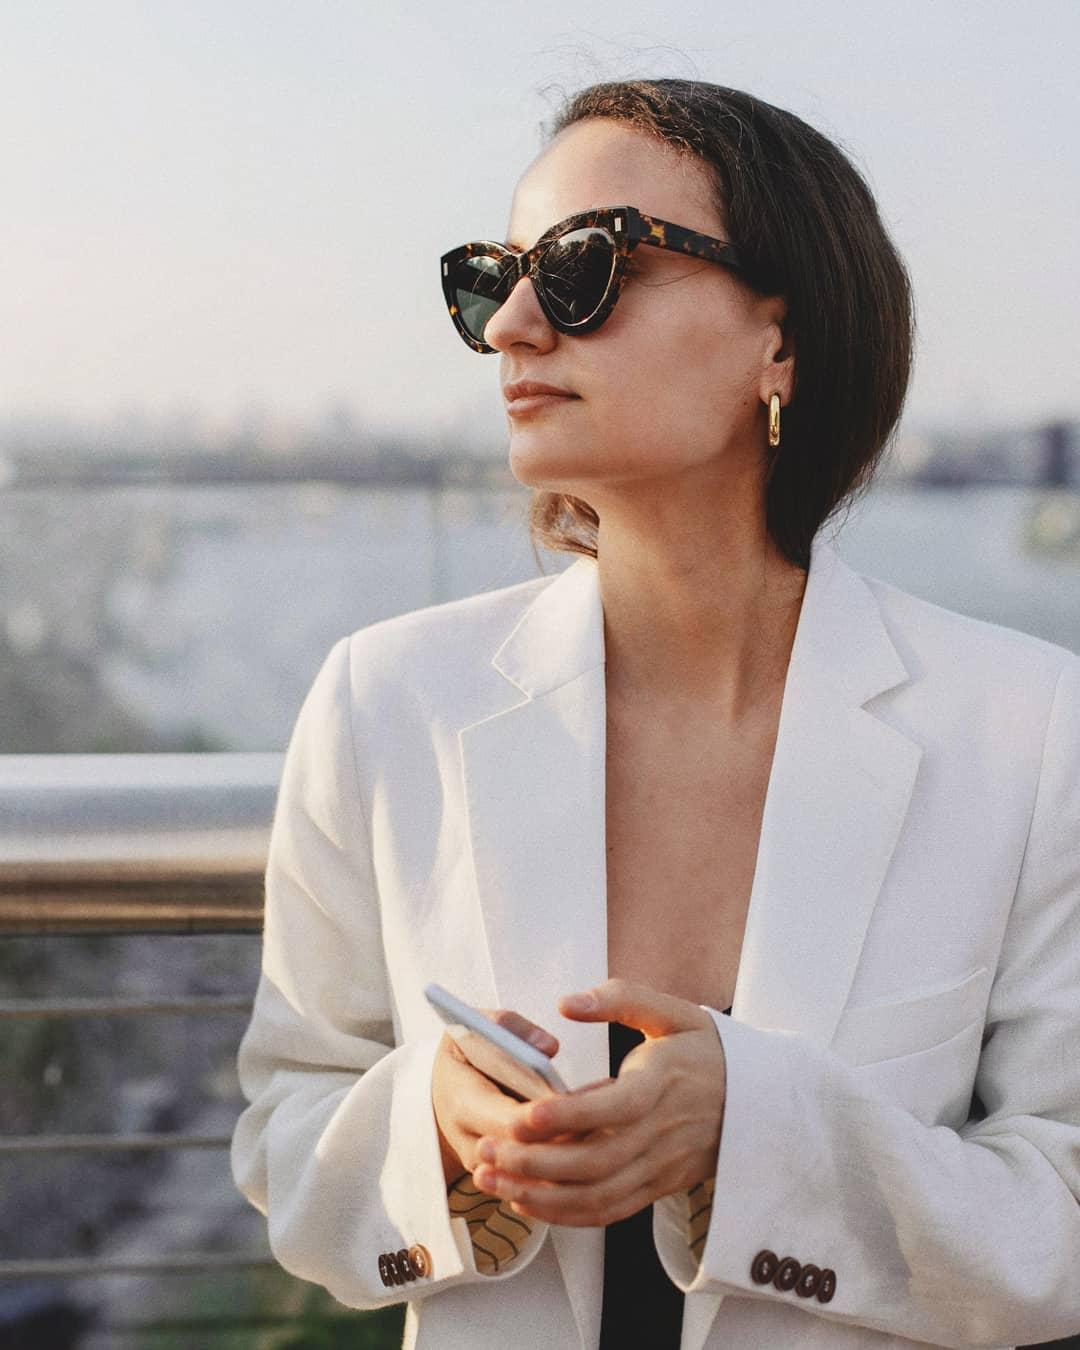 Елена Базу. Дизайнер, фотограф, предприниматель